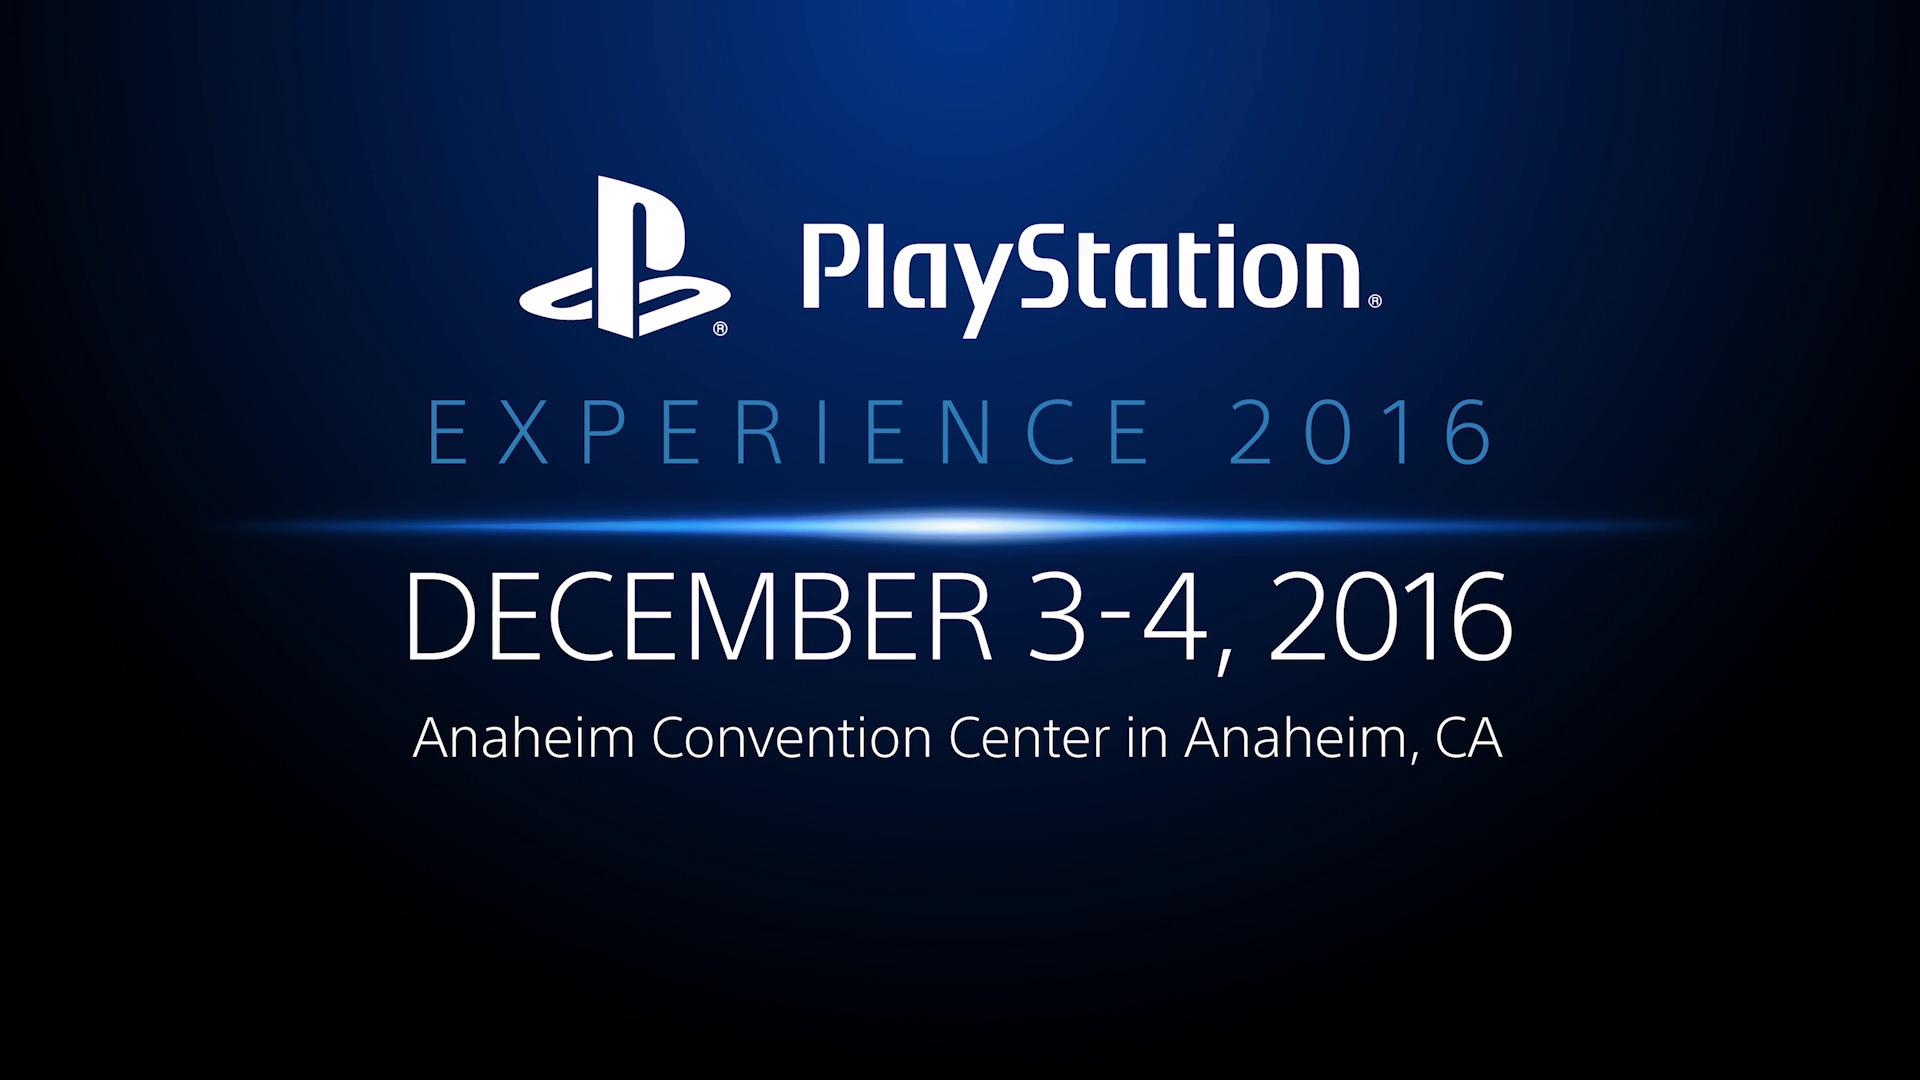 Сони поведала опресс-конференции PS Experience 2016